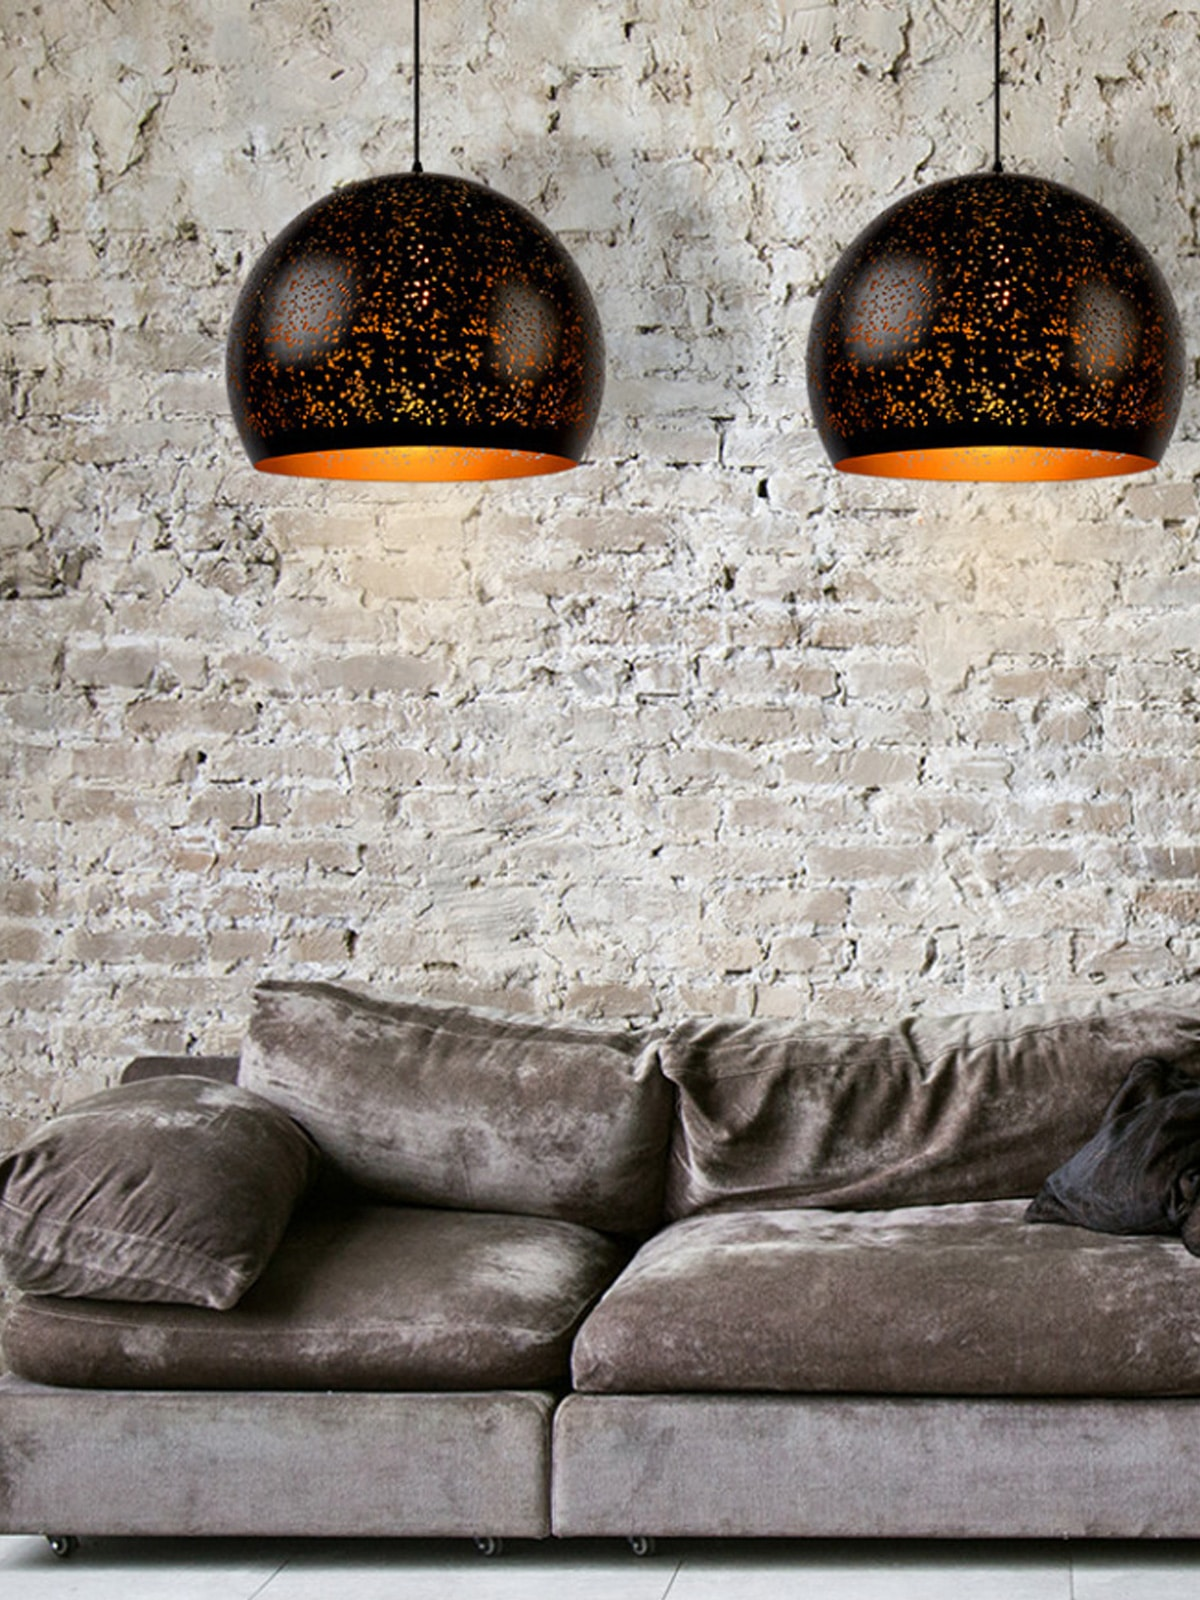 DesignOrt Blog: Die Designwelt von Lucide Eternal schwarz goldene Lampe